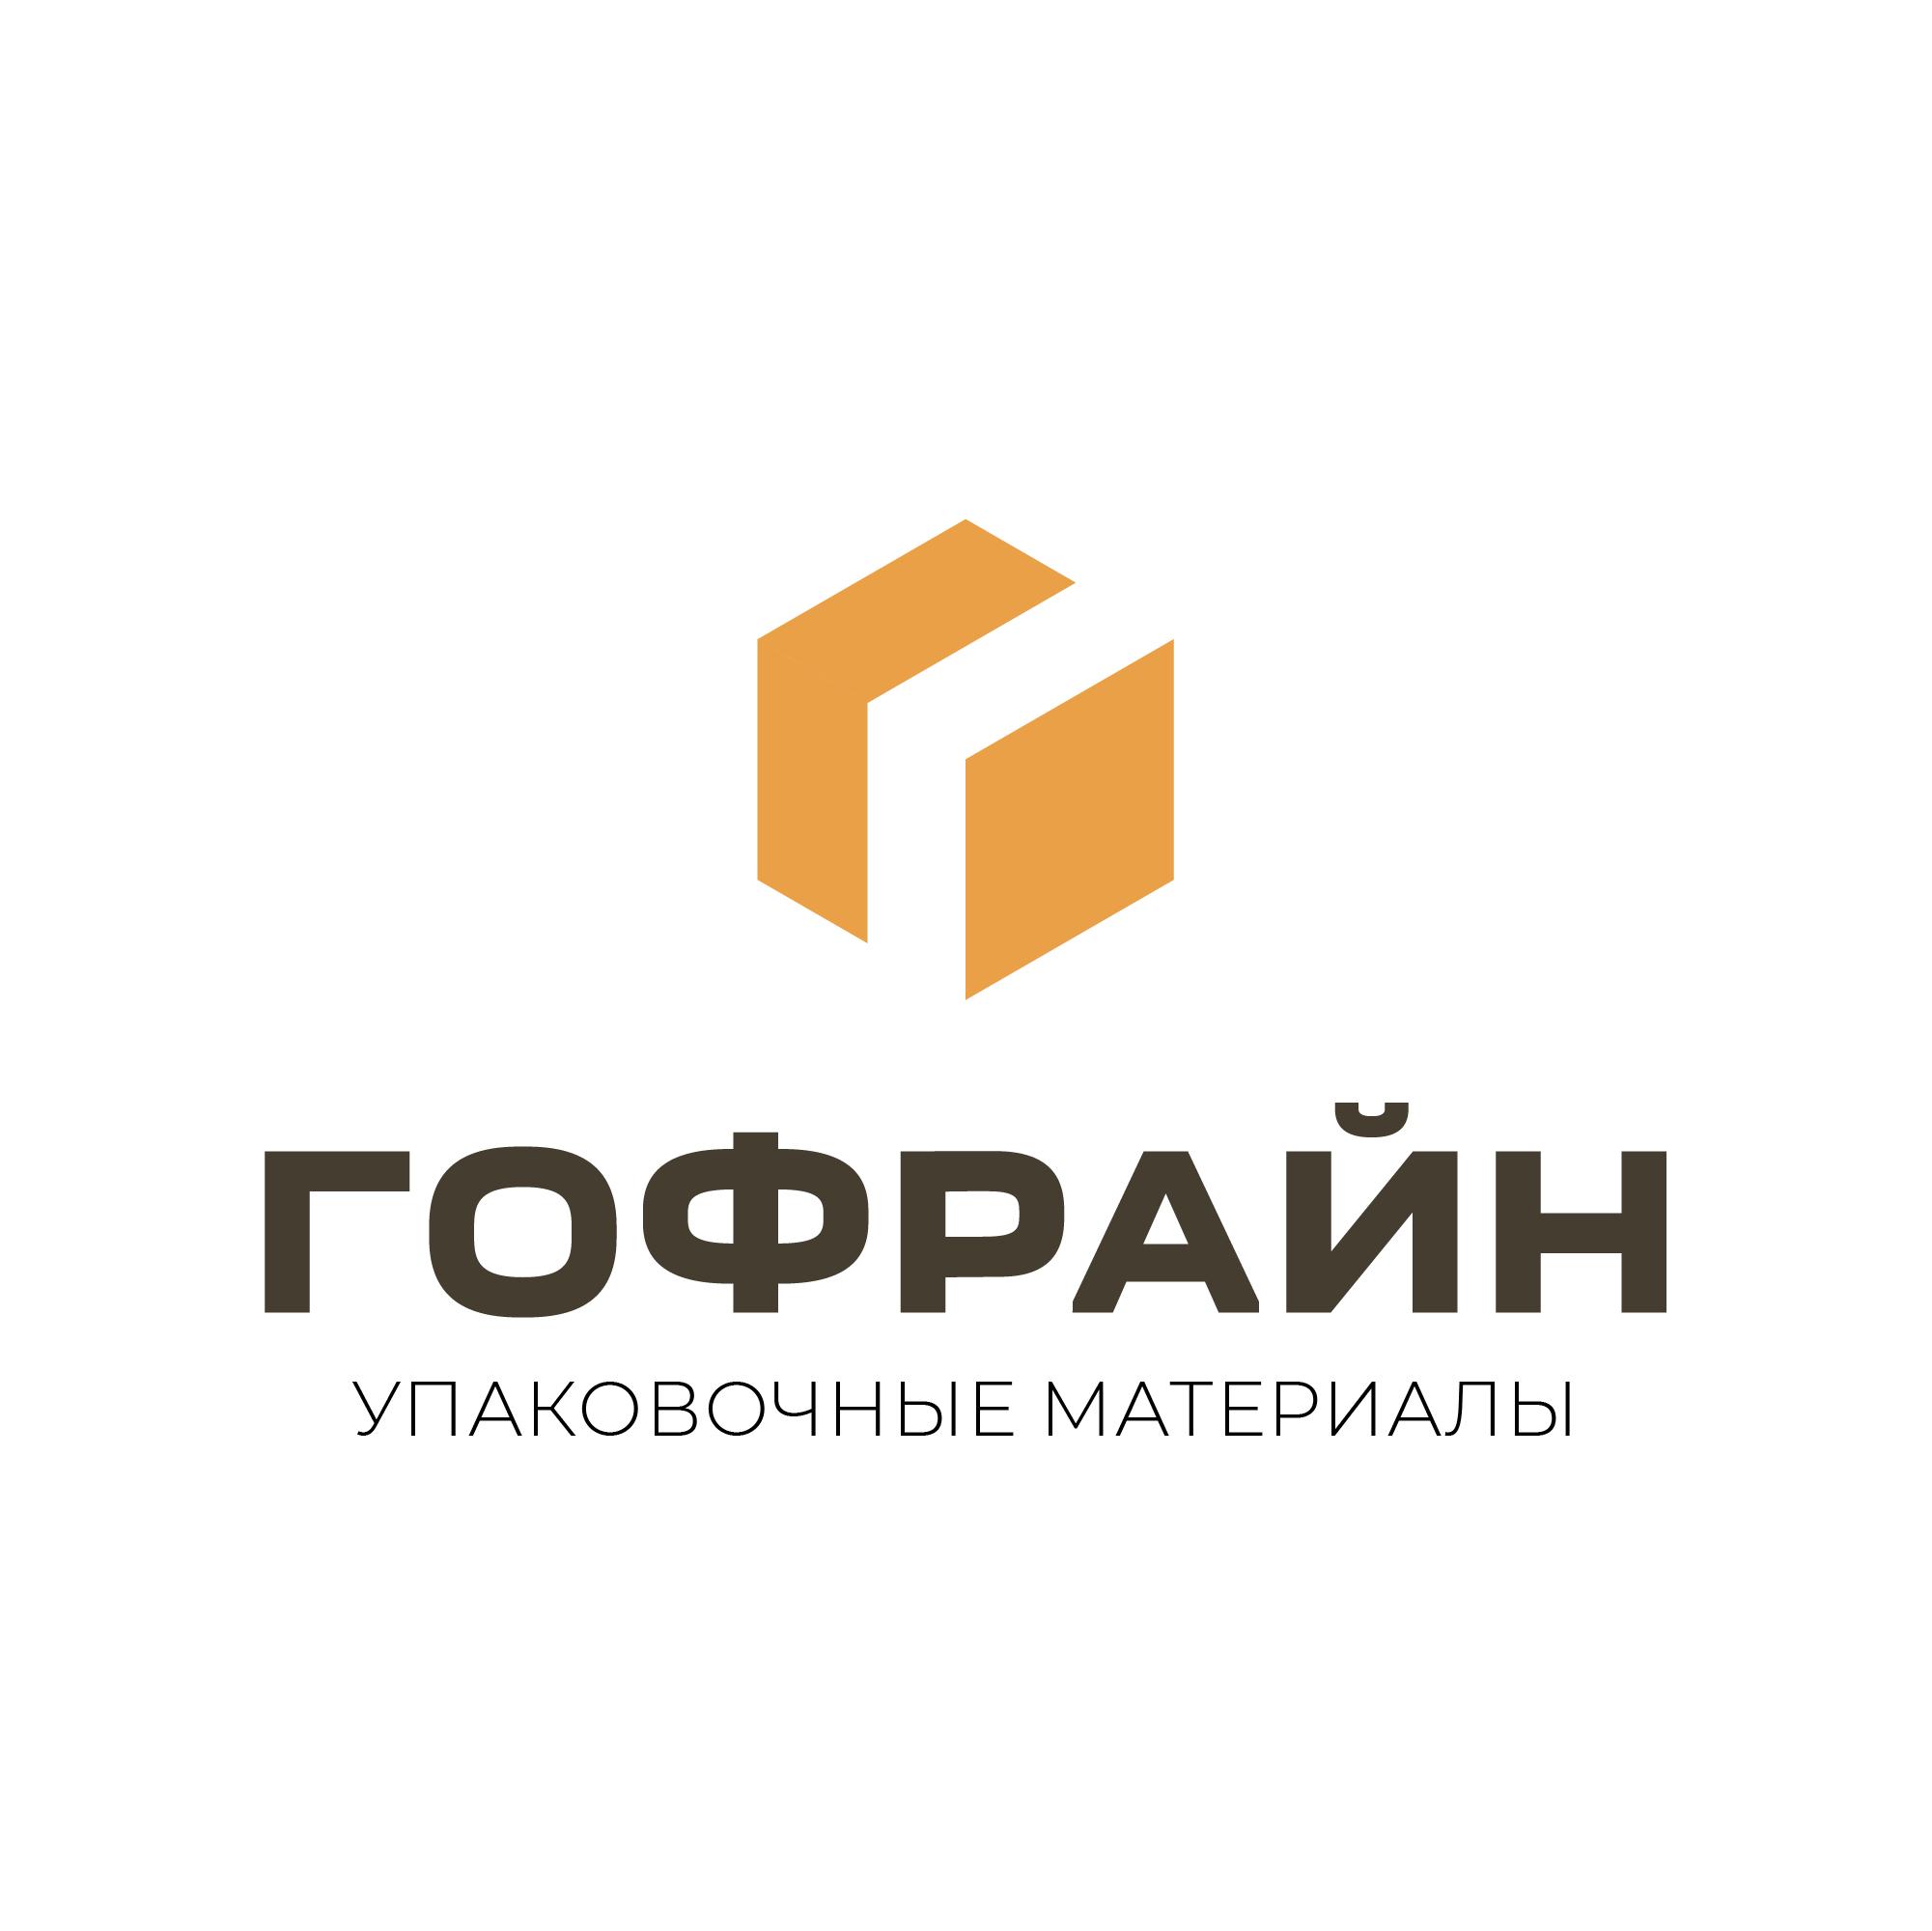 Логотип для компании по реализации упаковки из гофрокартона фото f_0995cdd6ad6d90a1.jpg